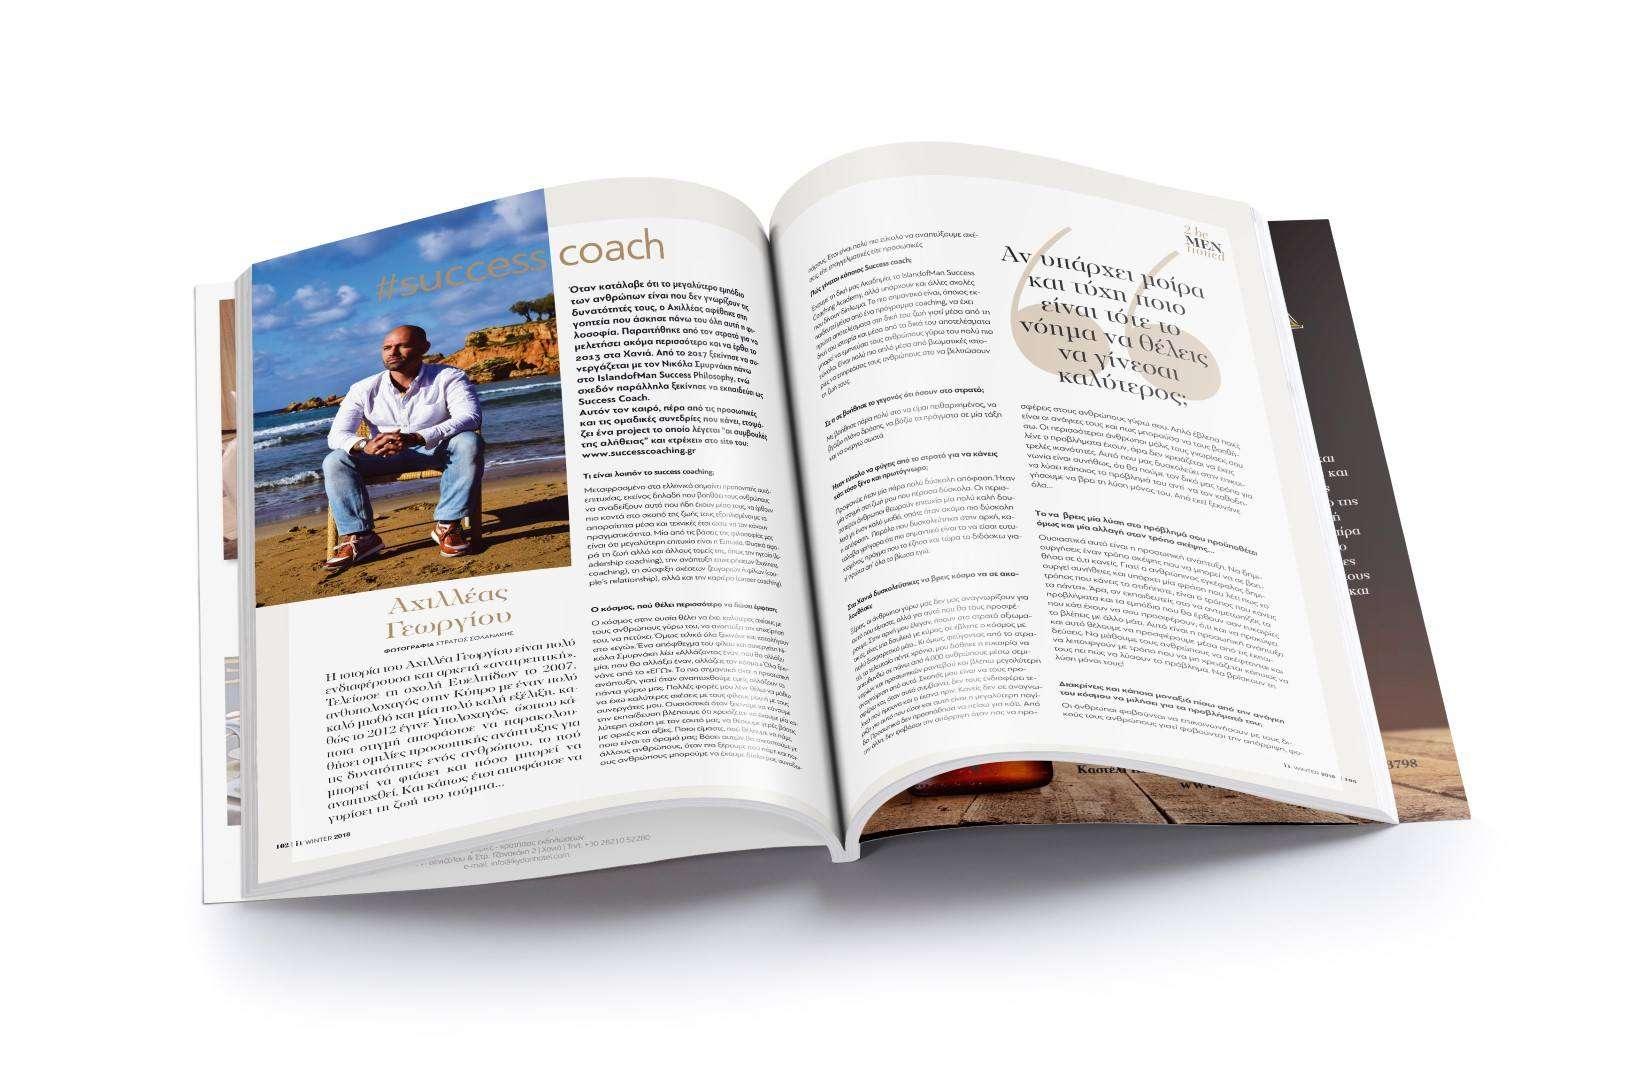 Συνέντευξη στοInTOWN freepress Magazine